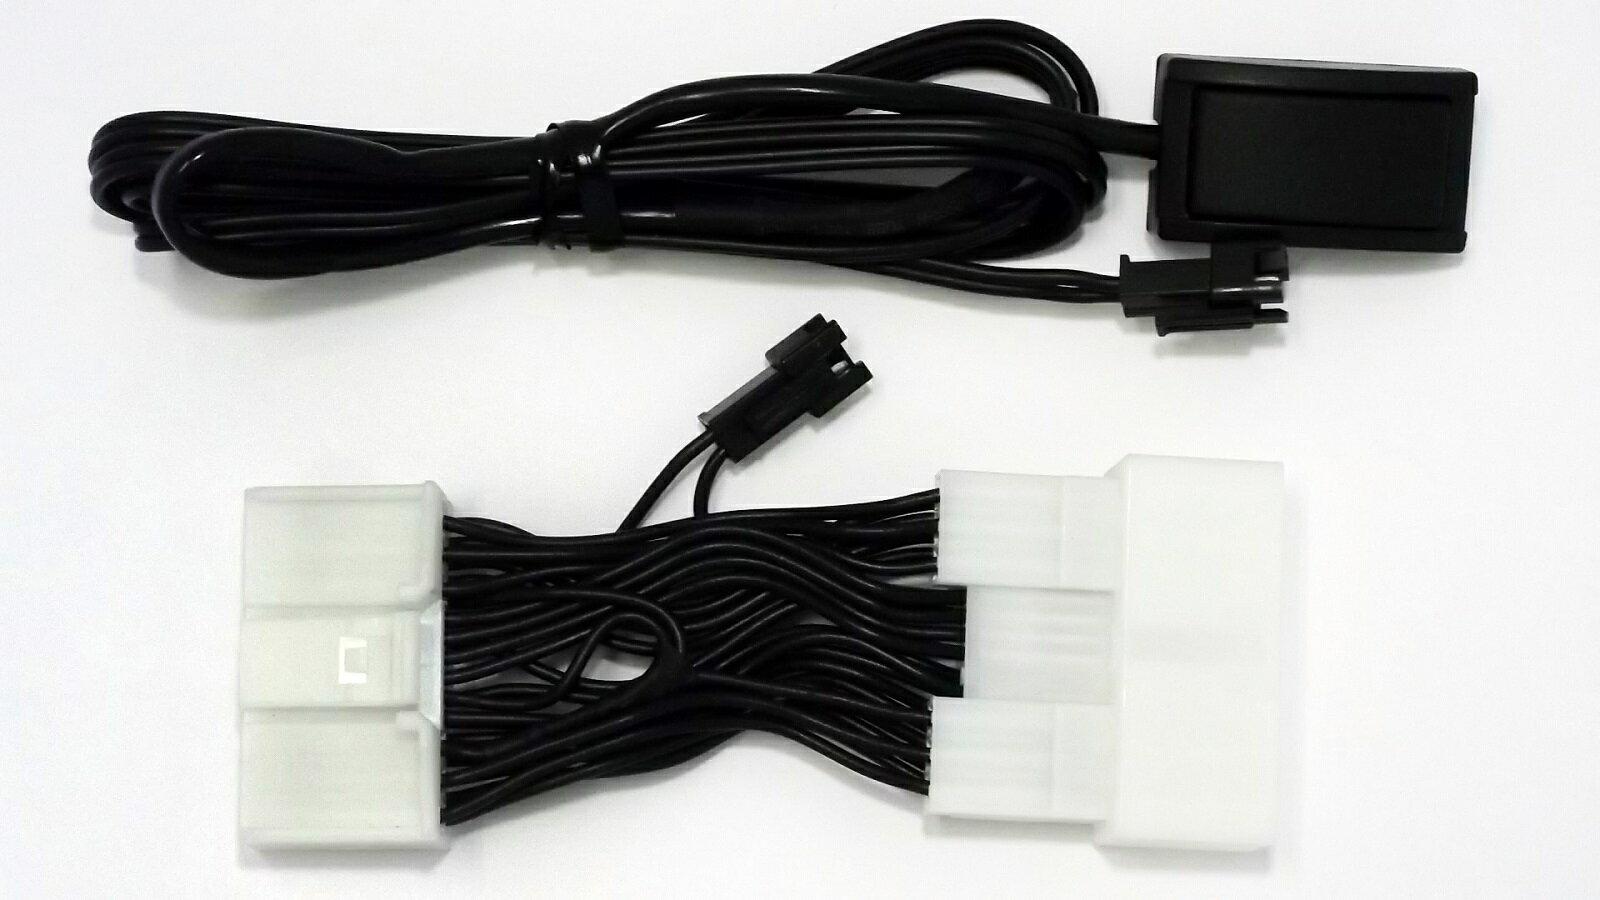 クラウンマジェスタ URS206/UZS207 走行中テレビDVDが見れるナビ 操作もできるキット